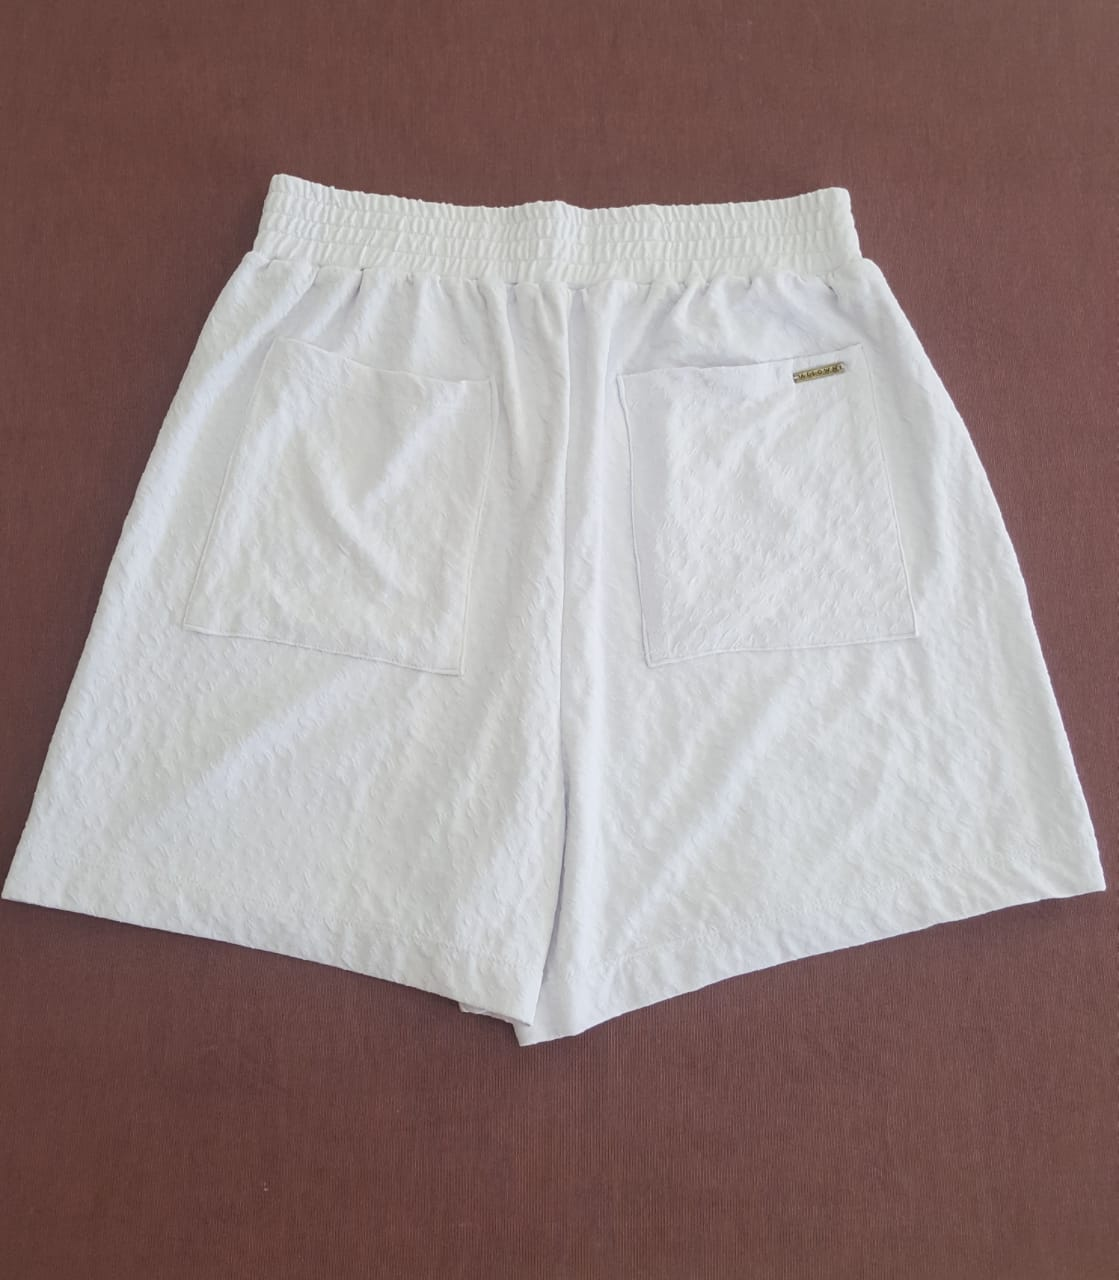 Shorts boyfriend Branco Karina